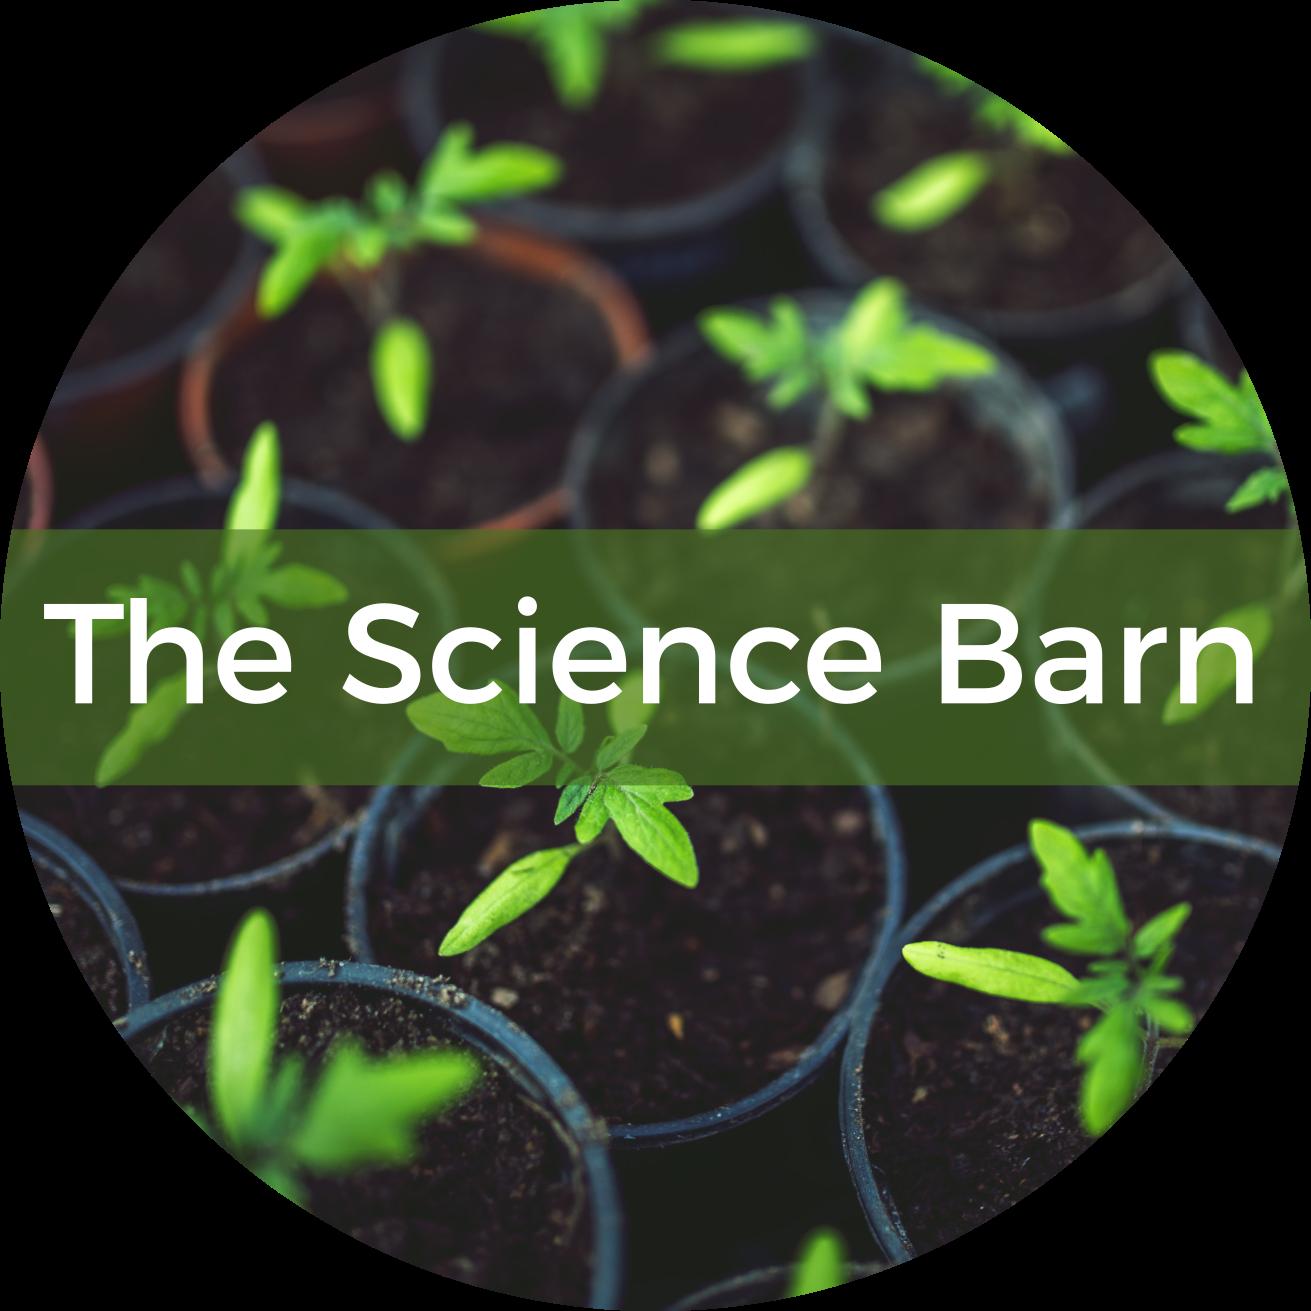 Science Barn - Upper Elementary(Grades 4 - 6)